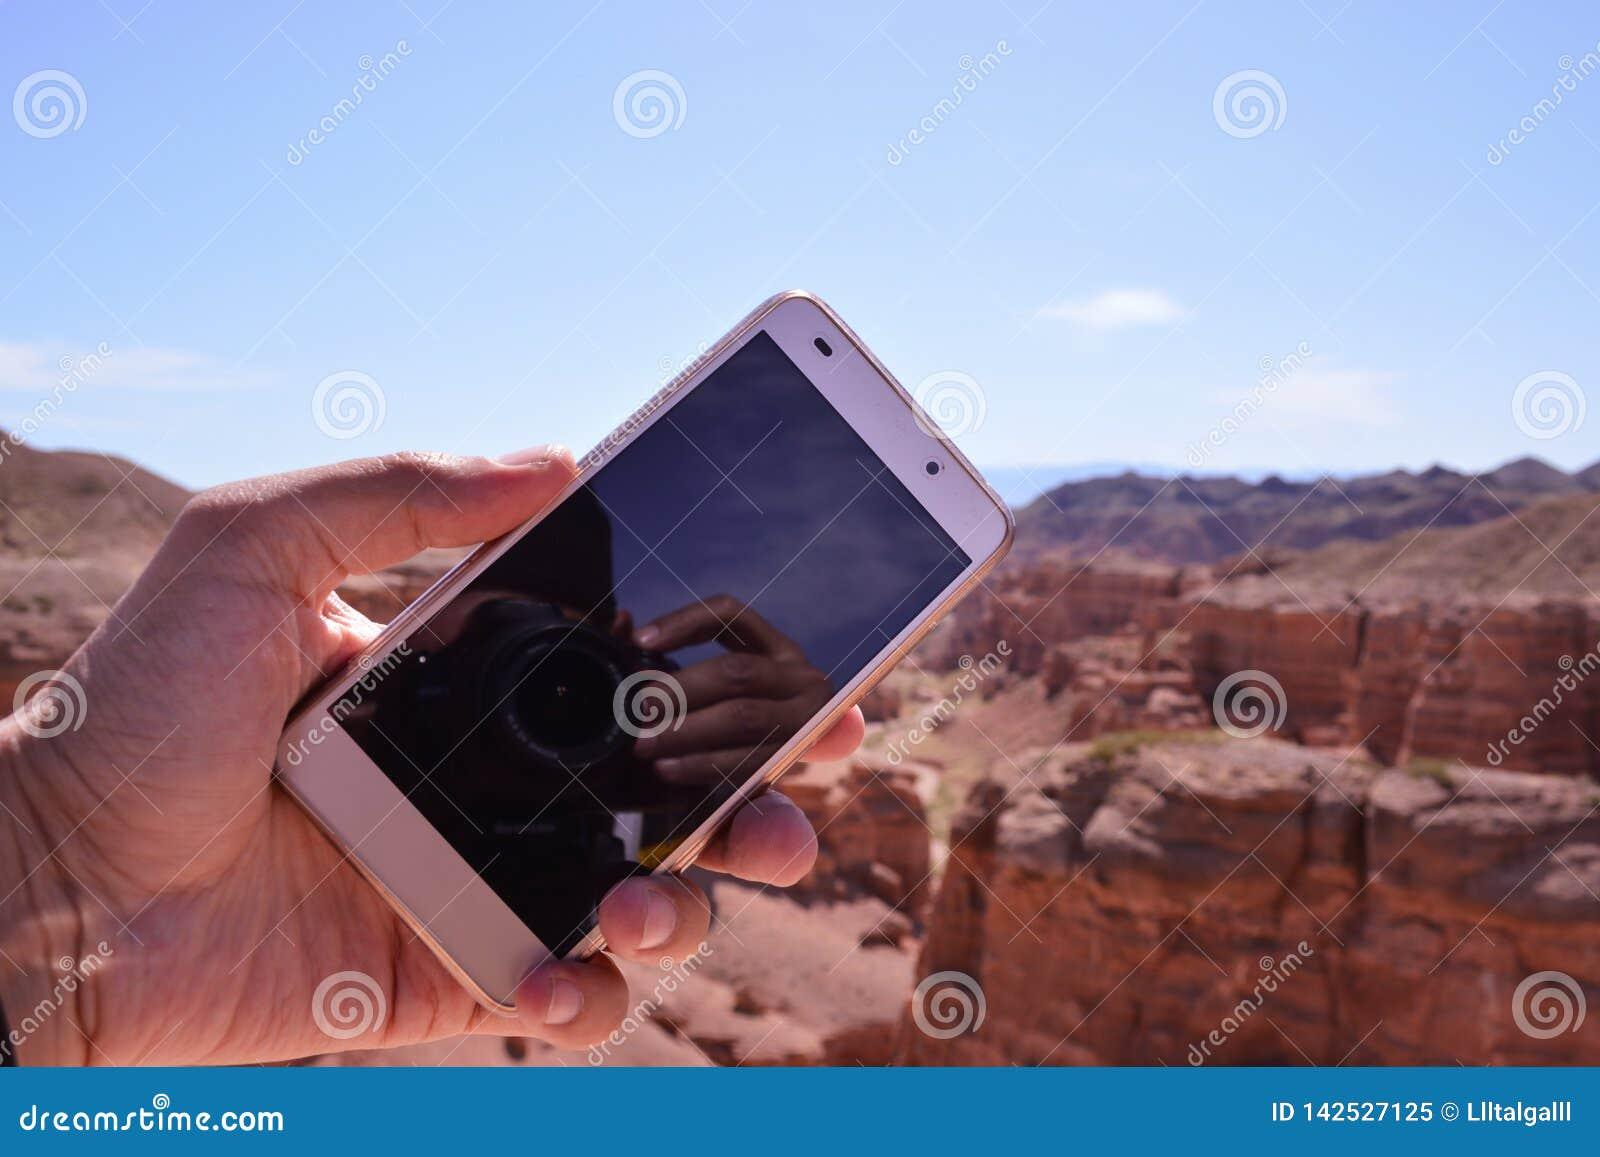 Phone on hand. Charyn canyon.